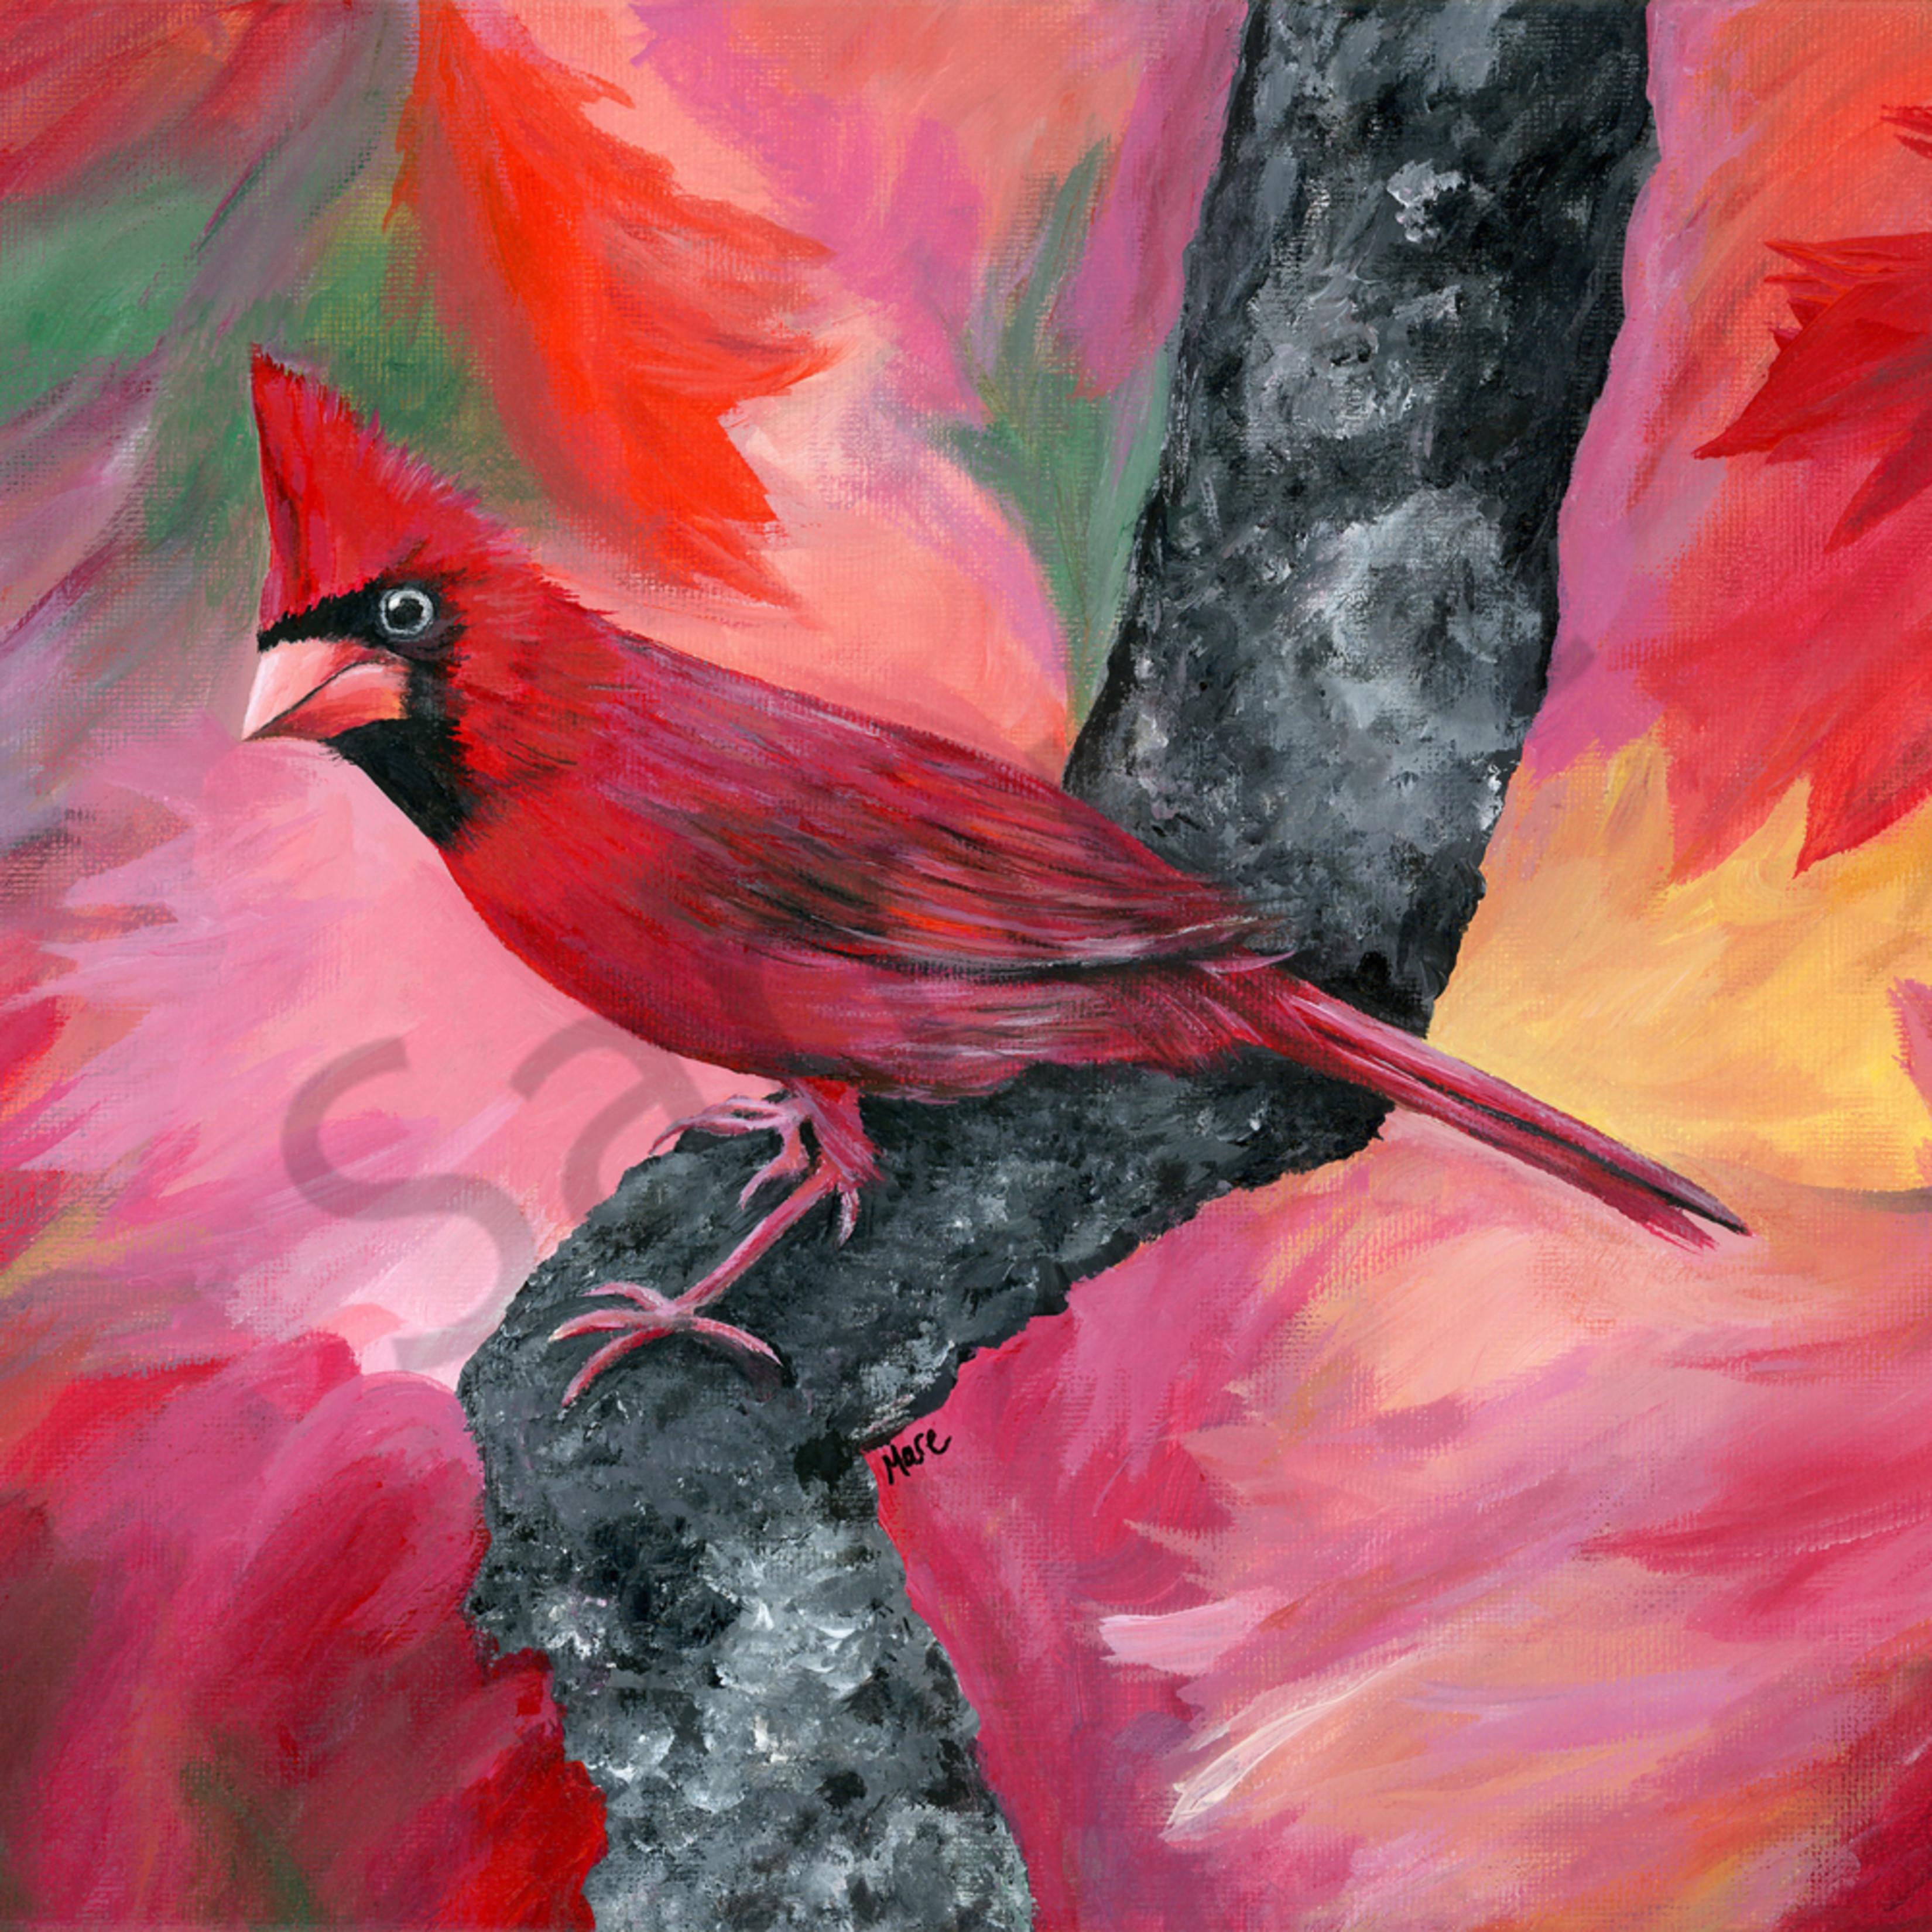 Cardinal 300 nferbc